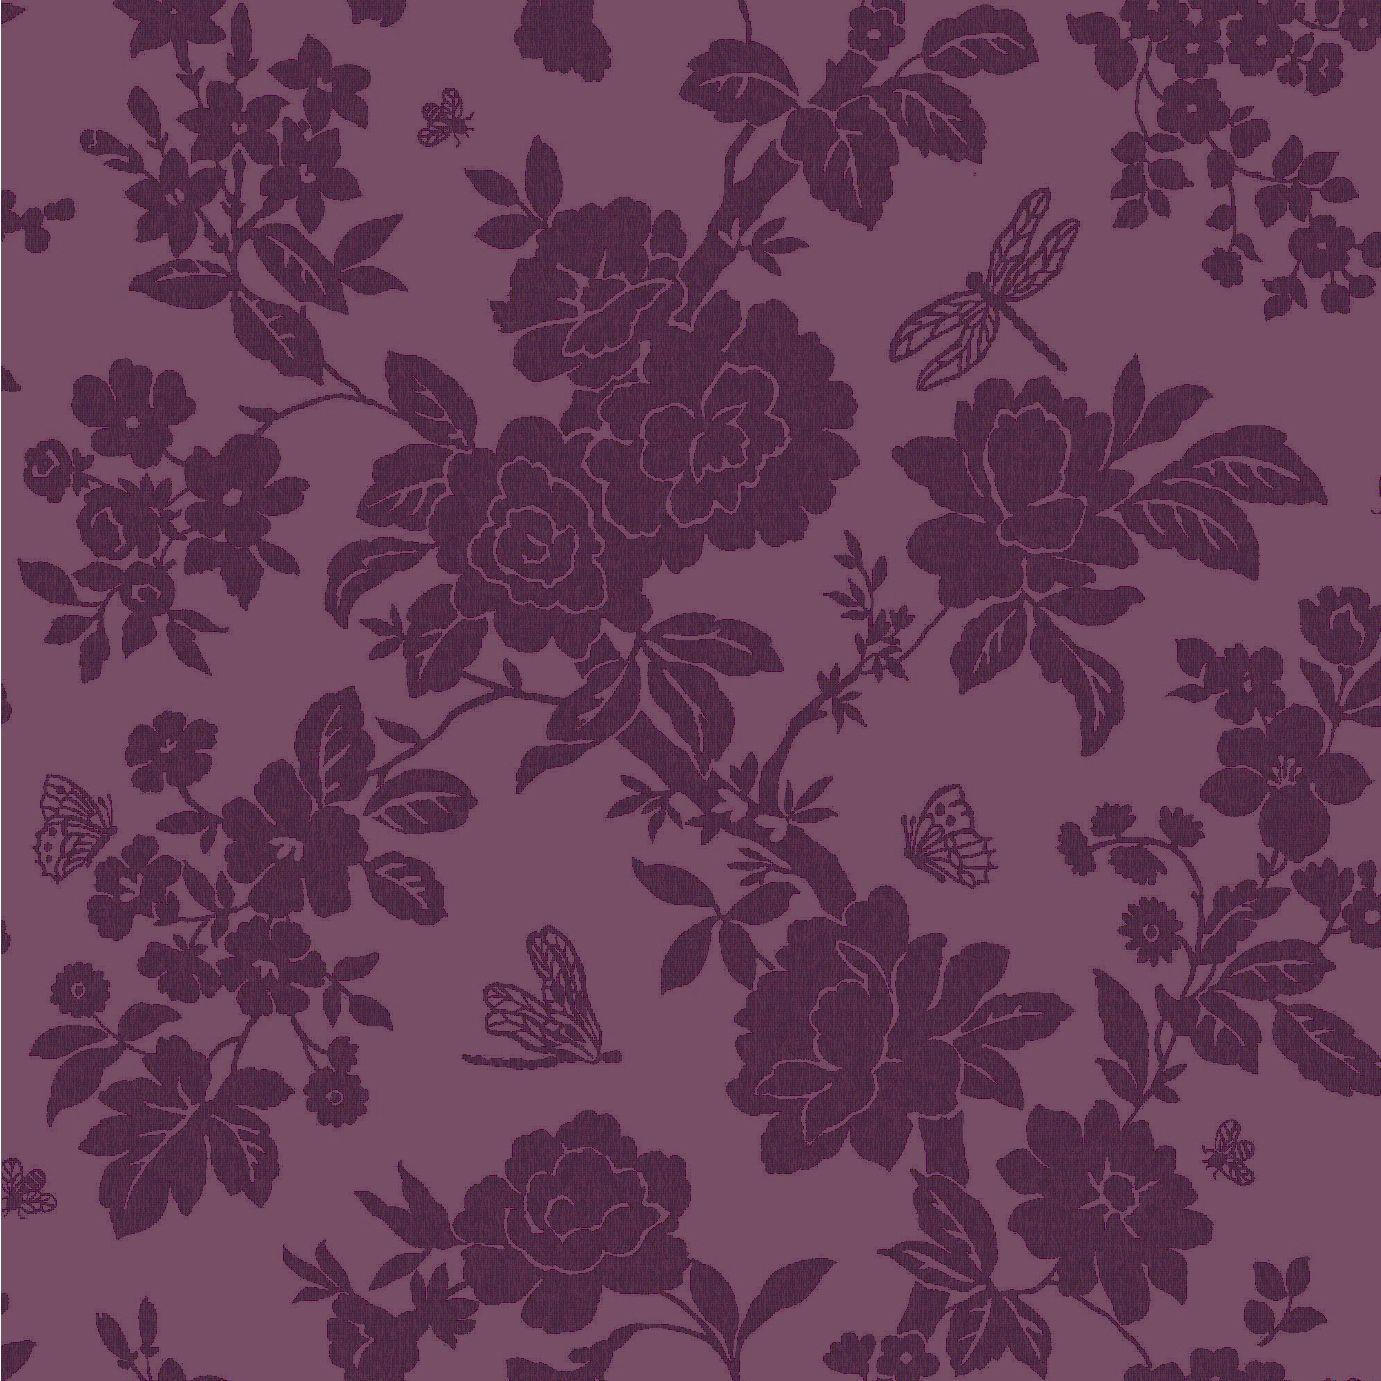 Black Trellis Wallpaper Nina Purple Floral Wallpaper Departments Diy At B Amp Q